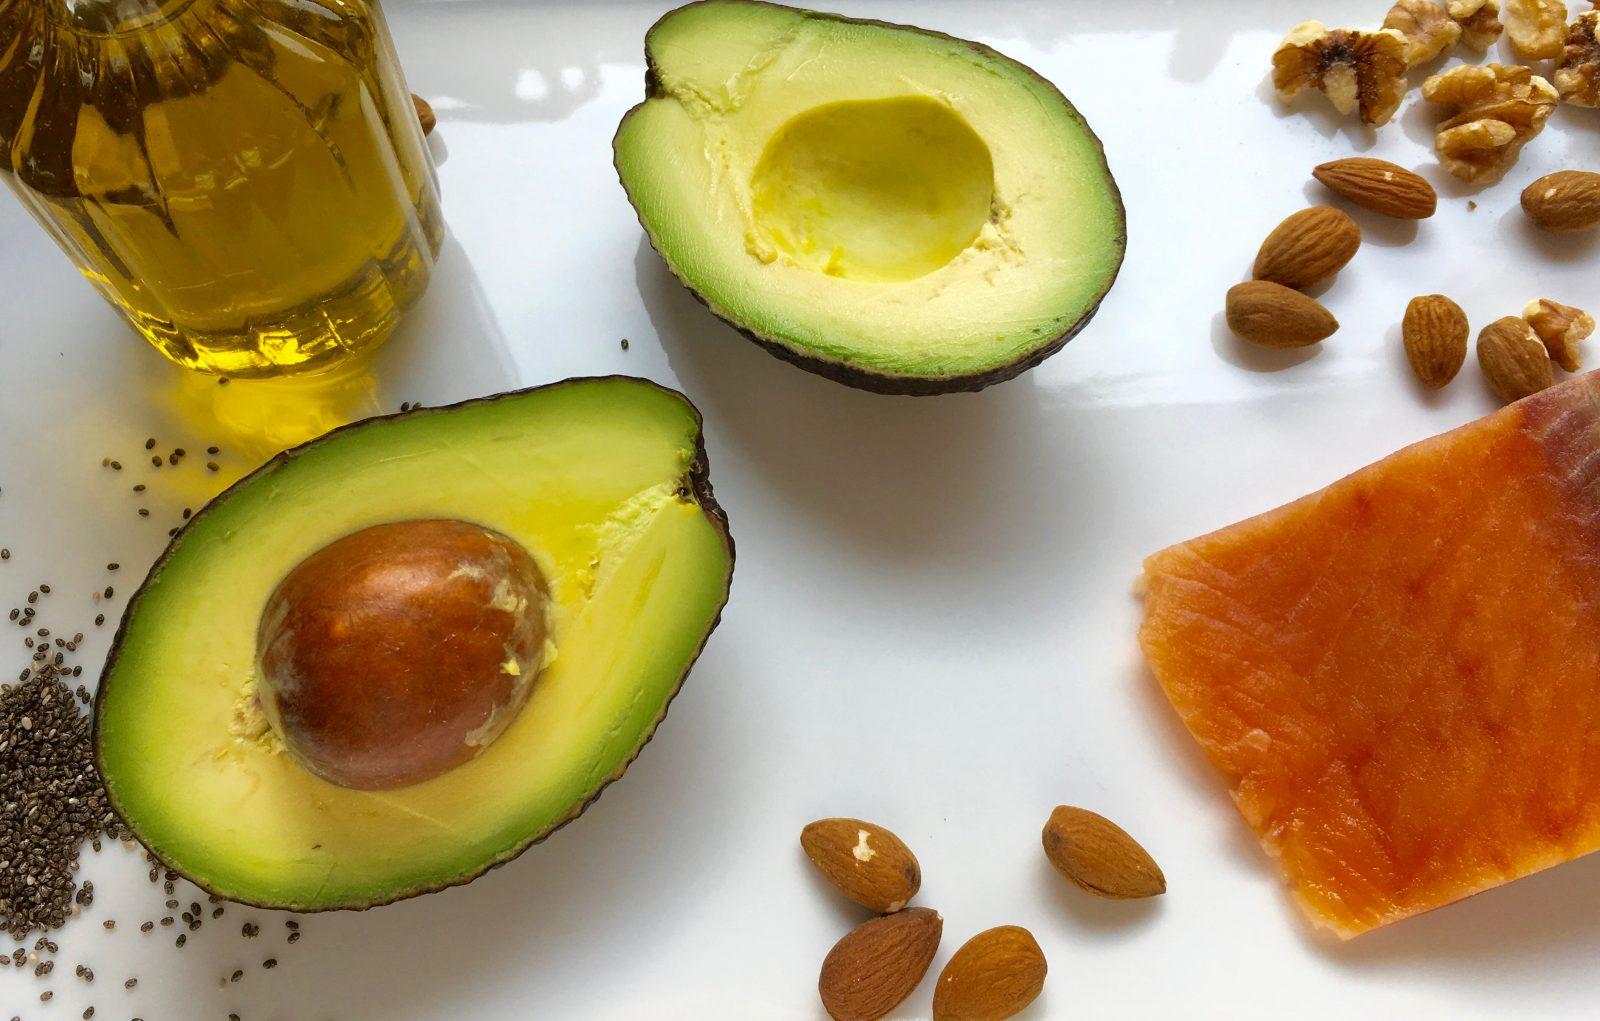 Gesunde Fette und fünf einfache Wege diese in unsere Ernährung zu integrieren